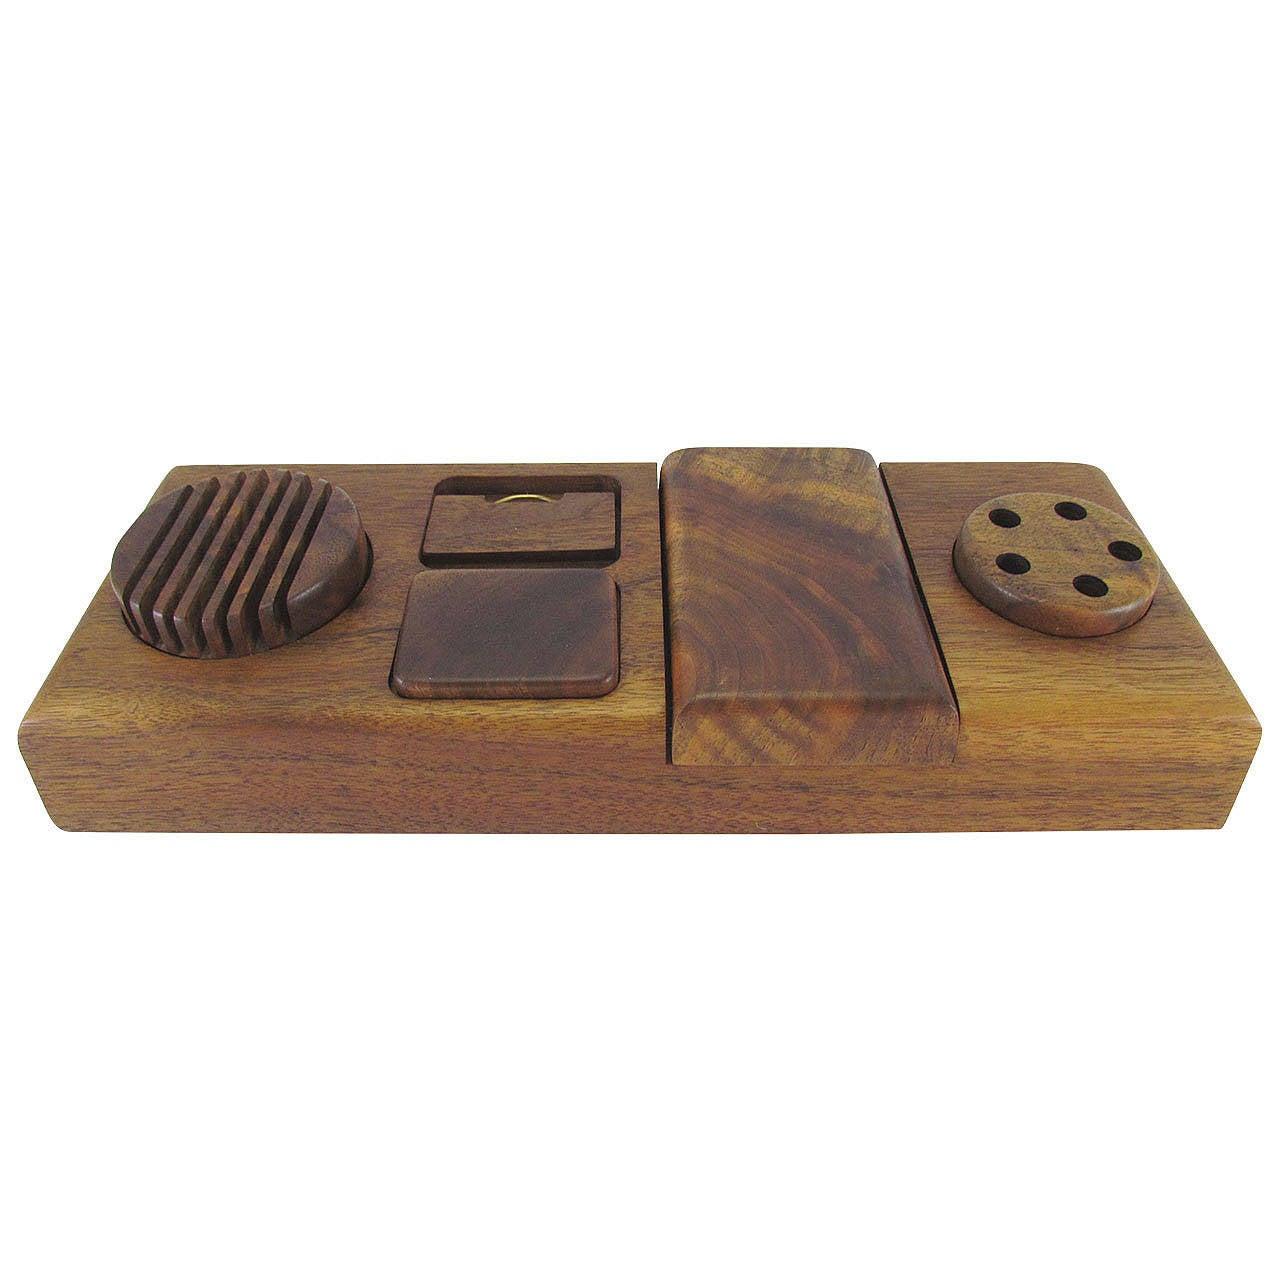 Modernist craftsman handmade desk organizer by michael - Decorative desk organizers ...